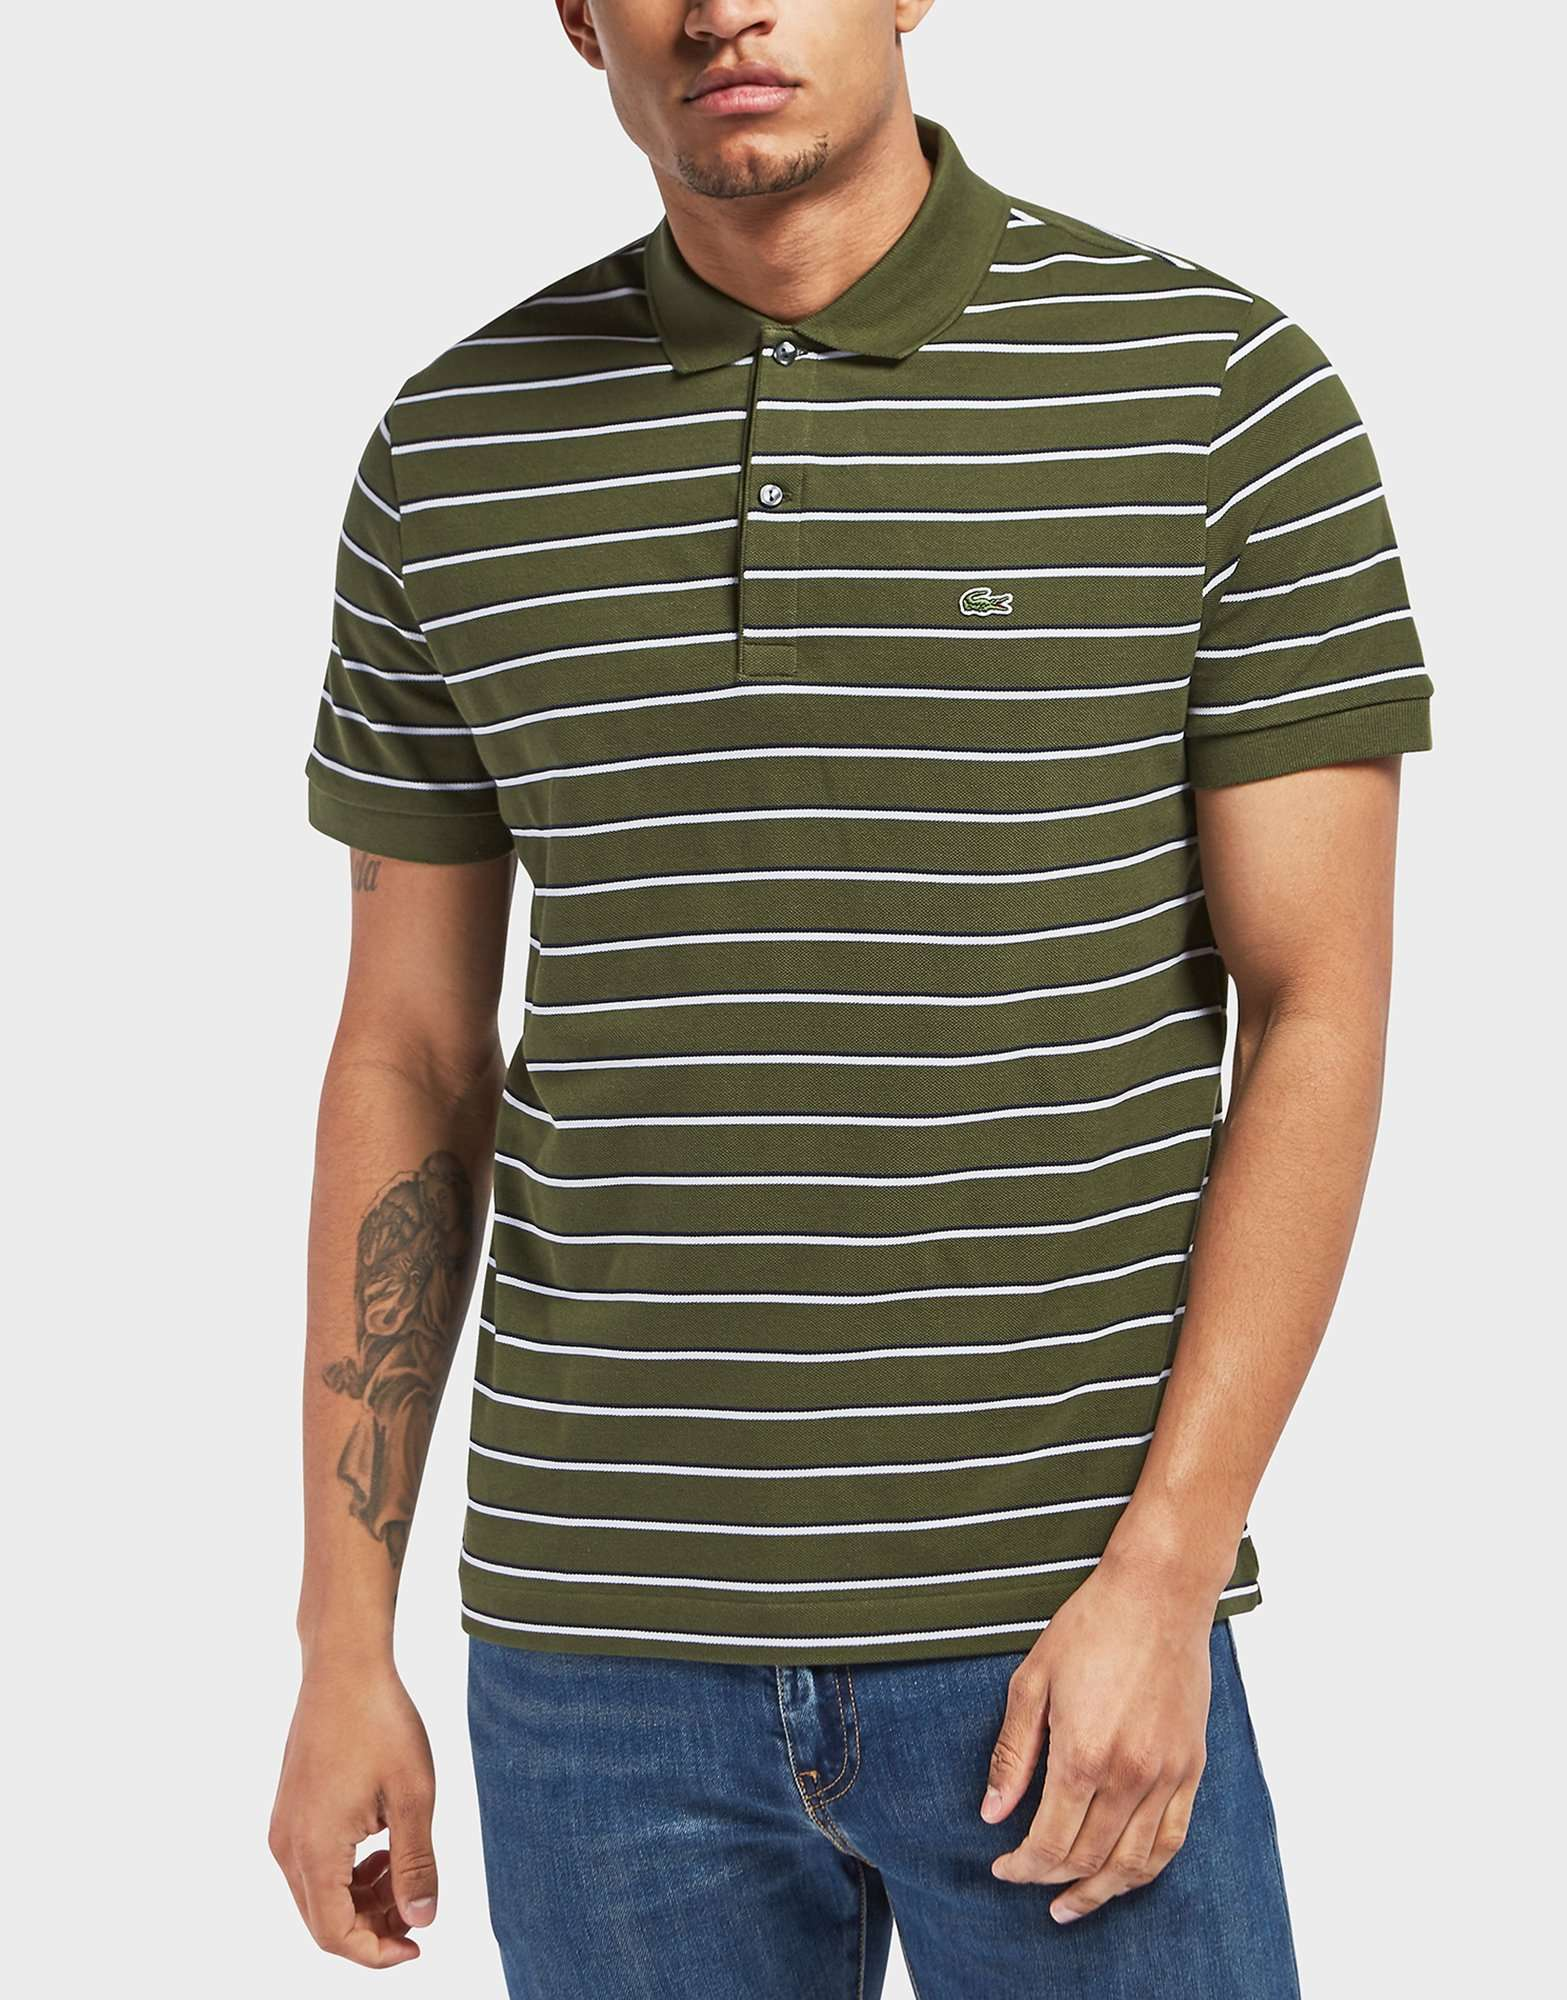 Lacoste Pique Stripe Short Sleeve Polo Shirt